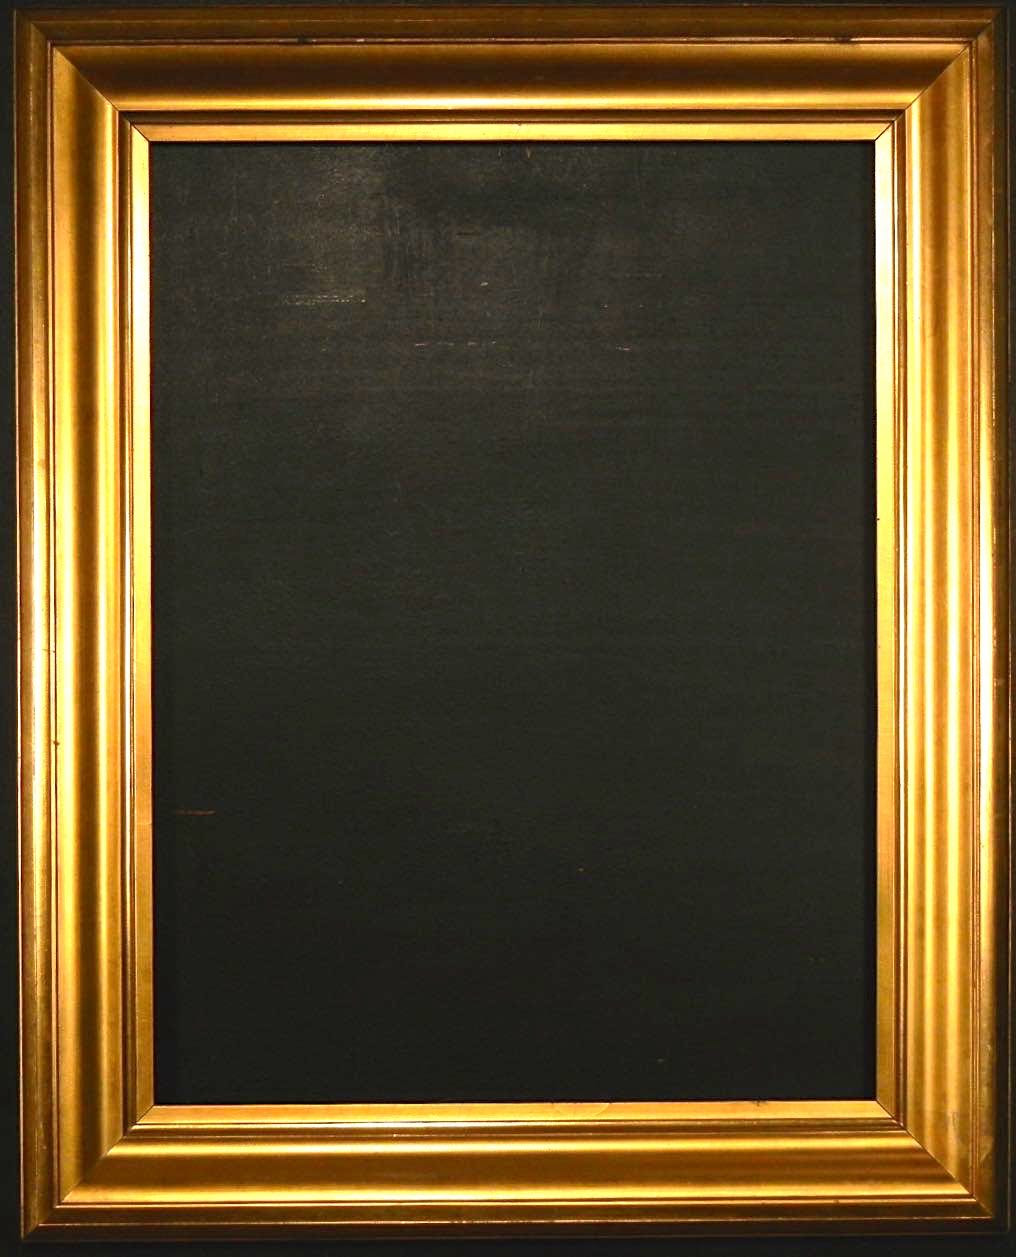 American Gold Leaf Frame Ammi Ribar Antiques Fine Period Frames